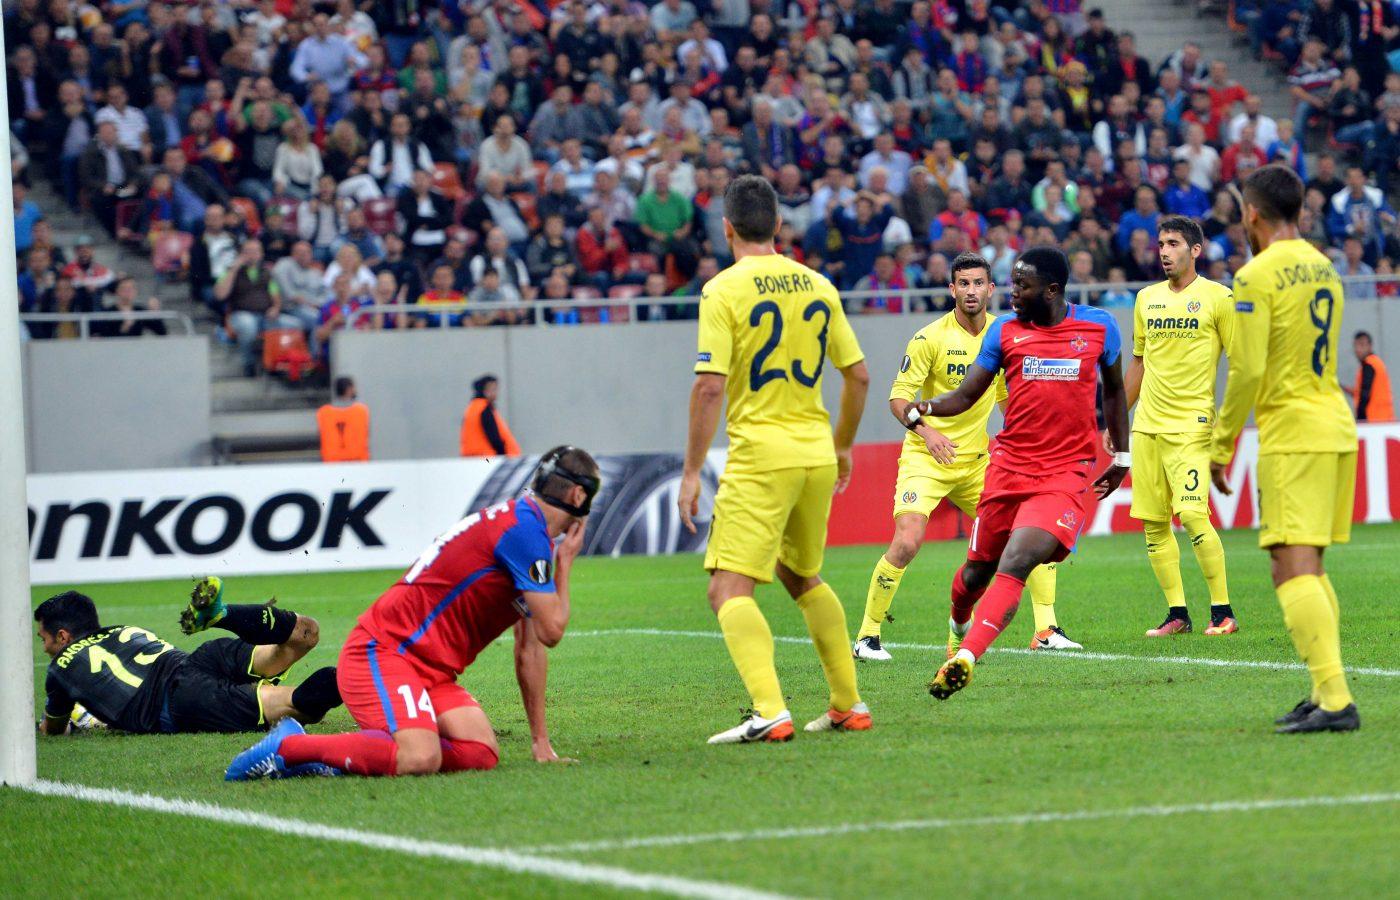 Sulley Muniru a marcat golul prin care Steaua a egalat pe Villareal  FOTO: Răzvan Păsărică / Sportpictures